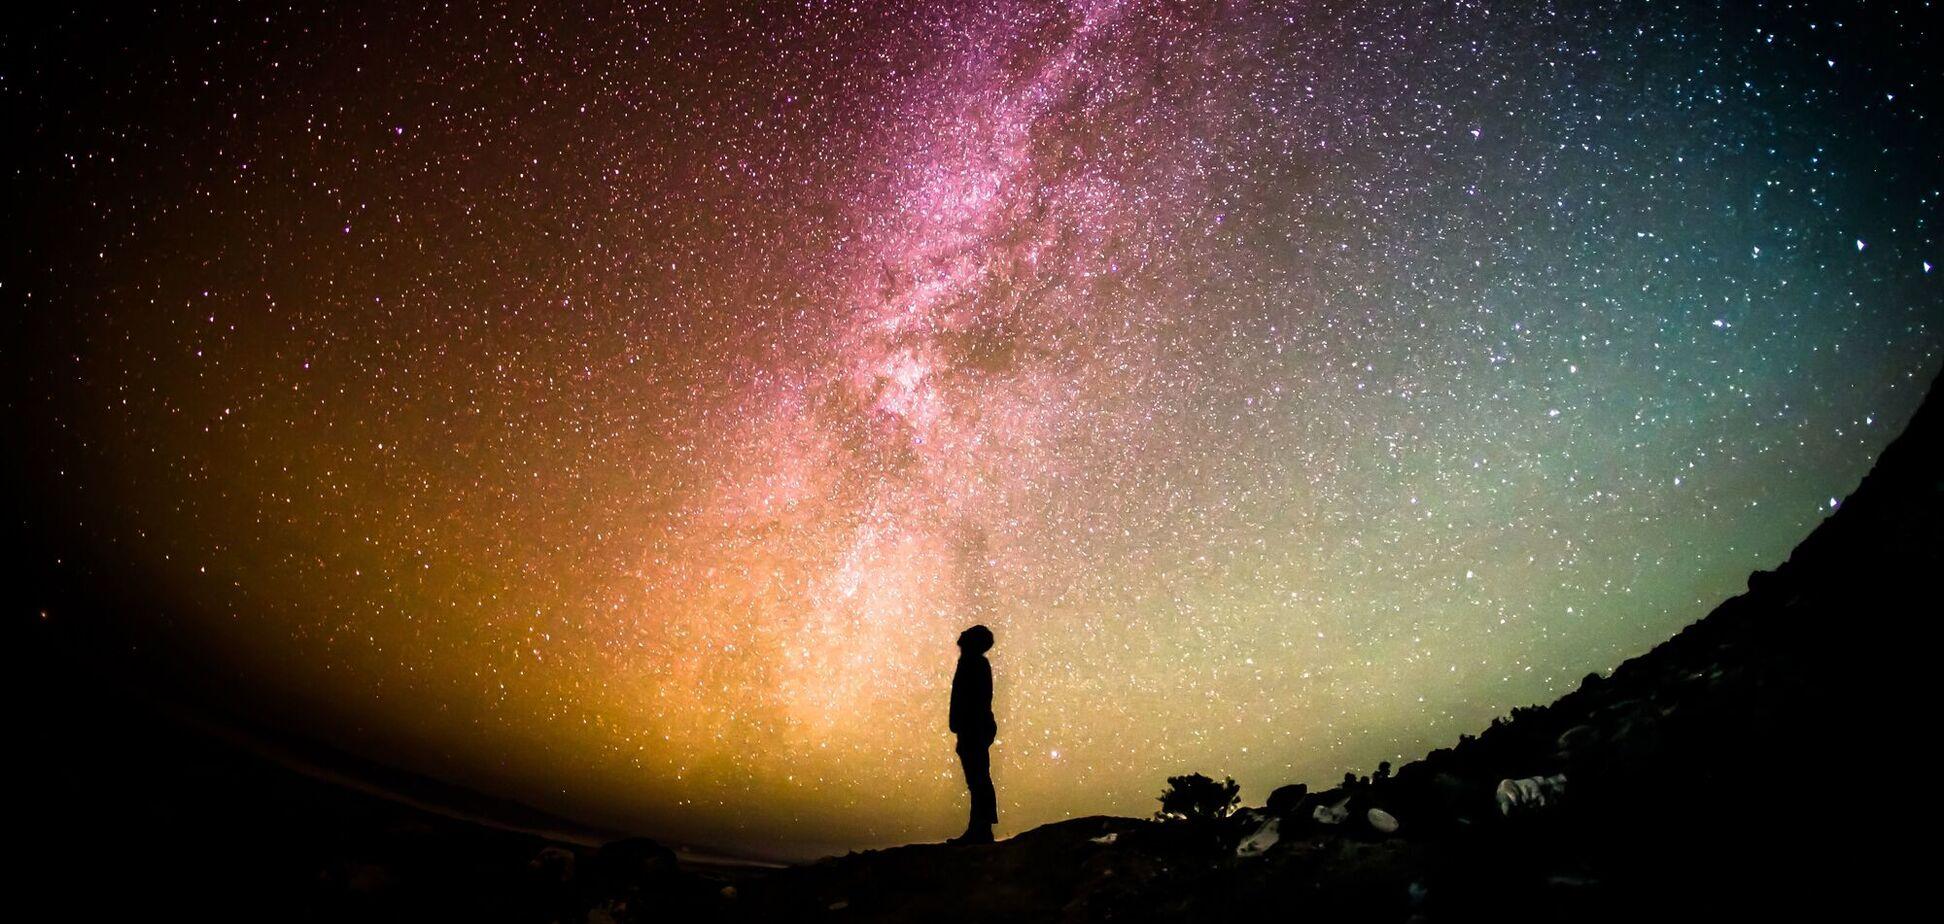 Вчені сподіваються, що знімки космічних об'єктів допоможуть їм у подальших розробках